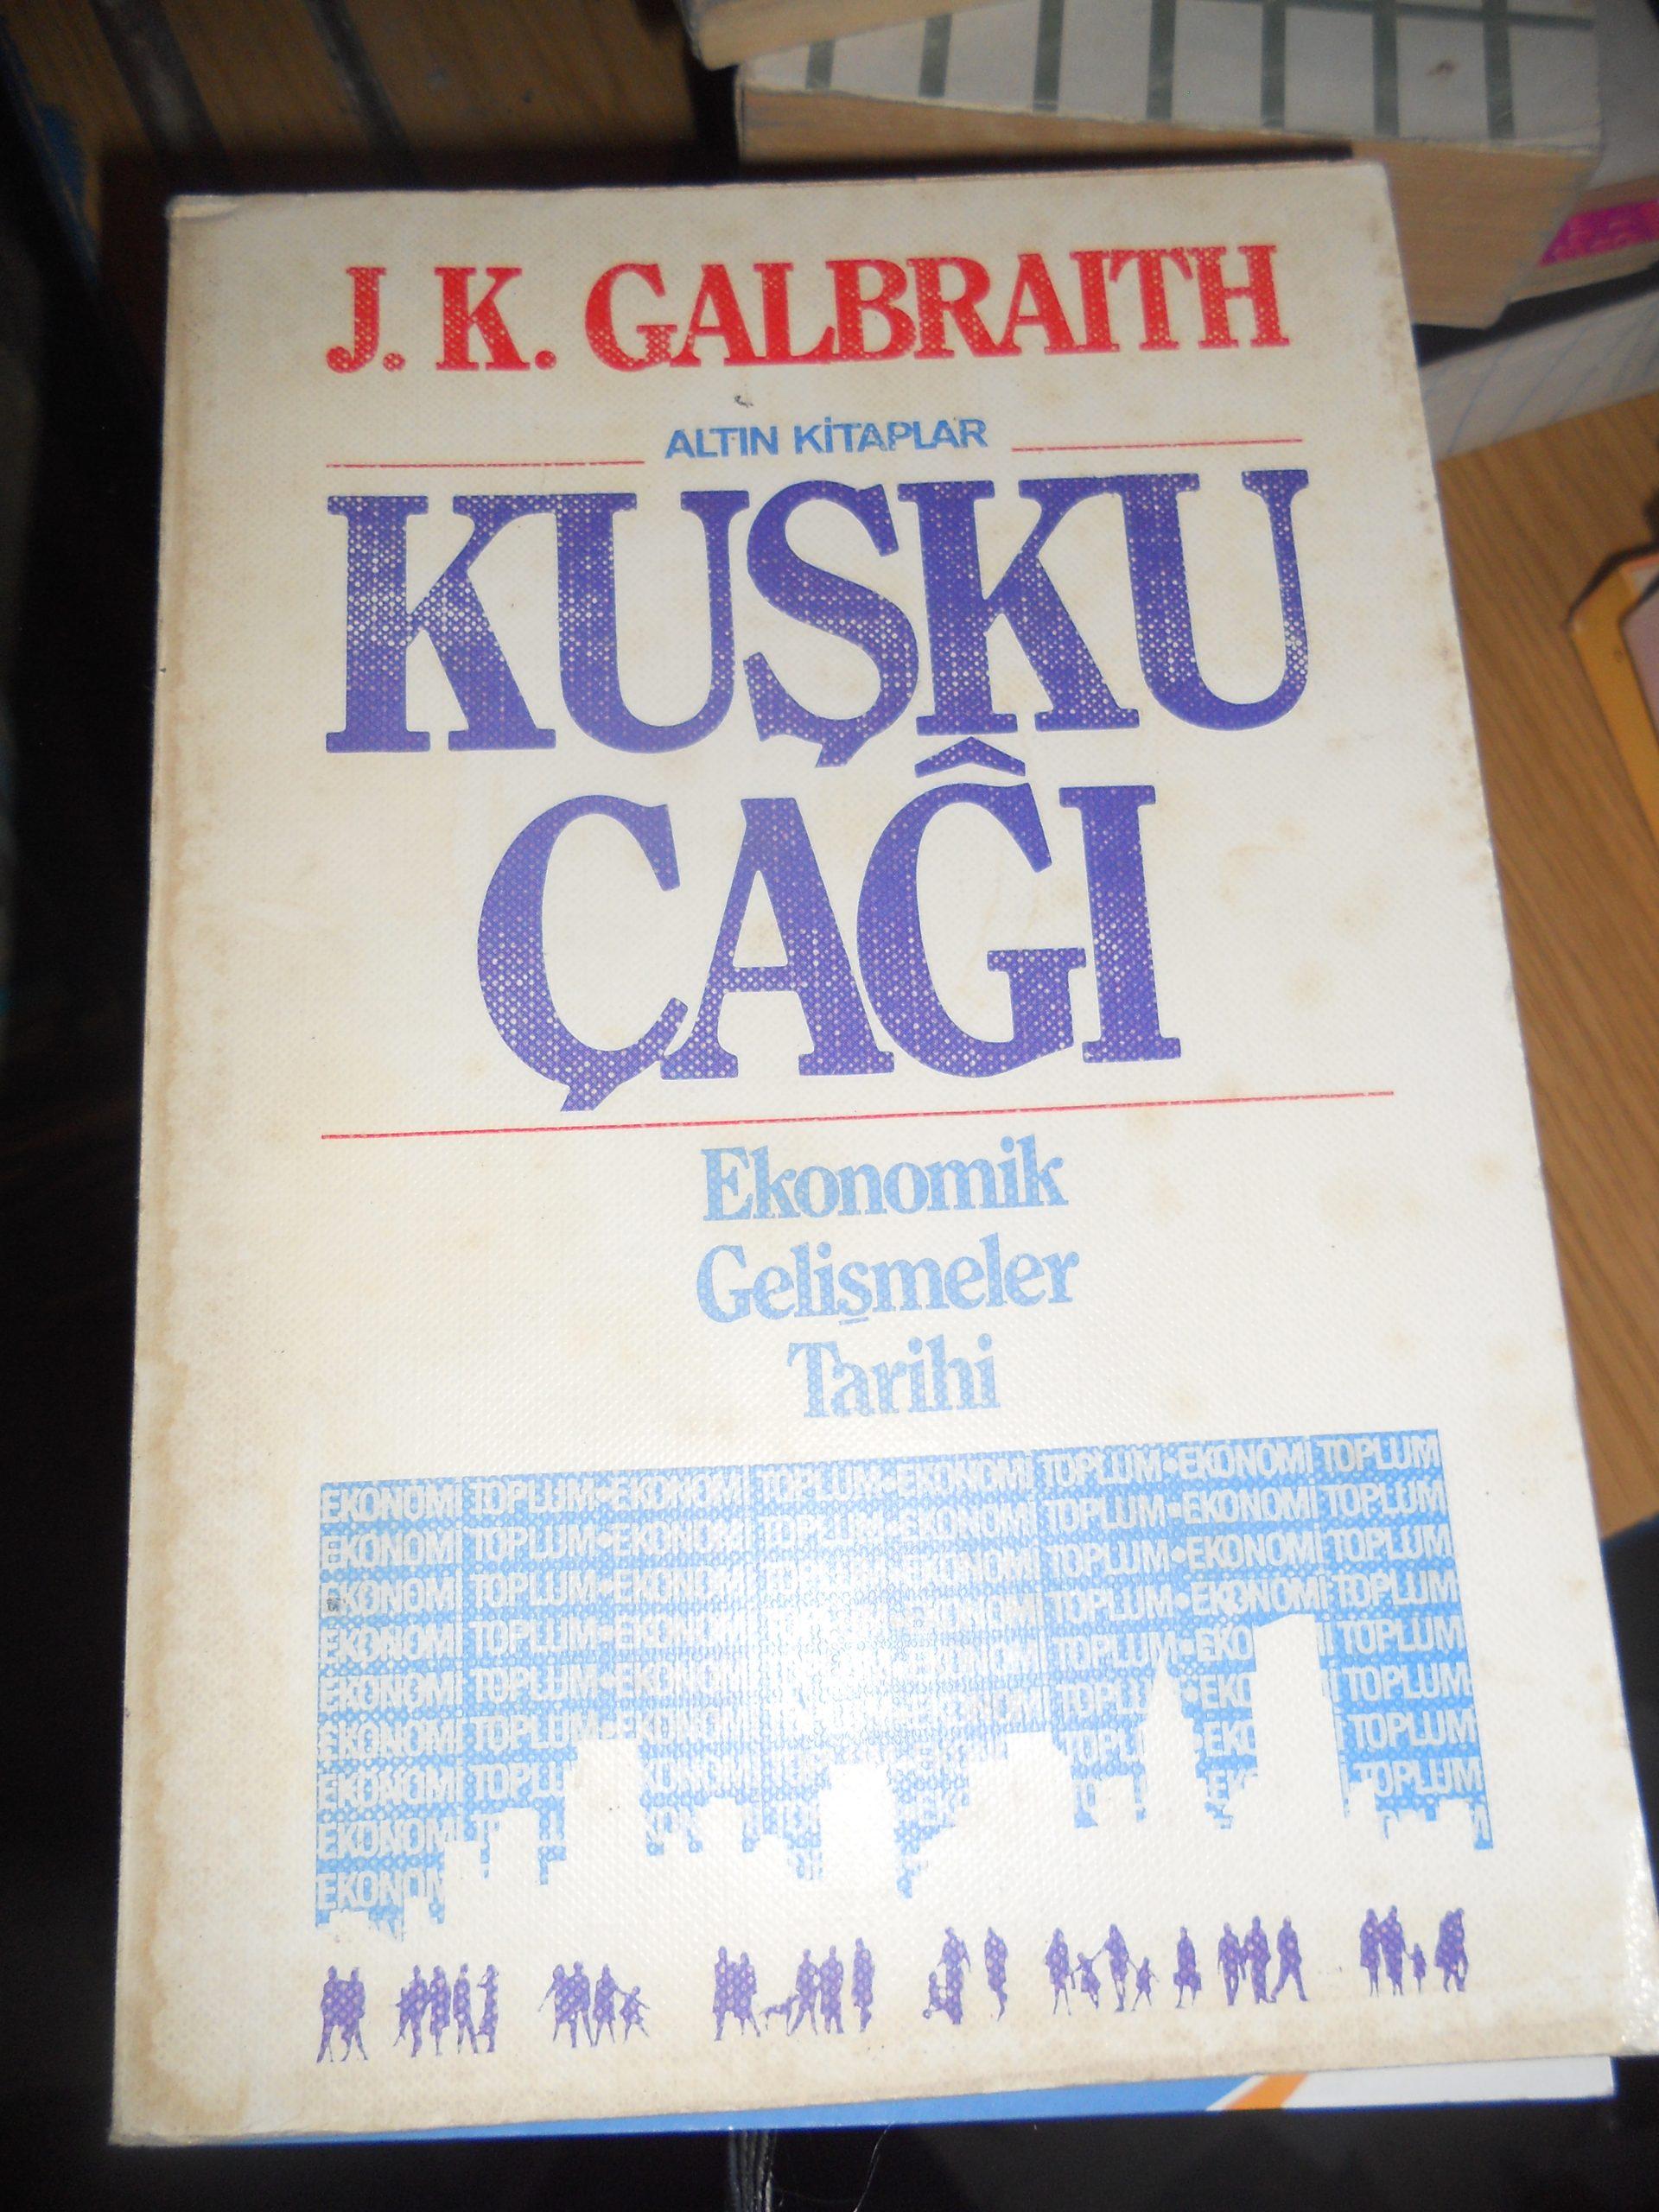 KUŞKU ÇAĞI/J.K.GALBRAITH(Ekonomik gelişmeler tarihi) 15 tl